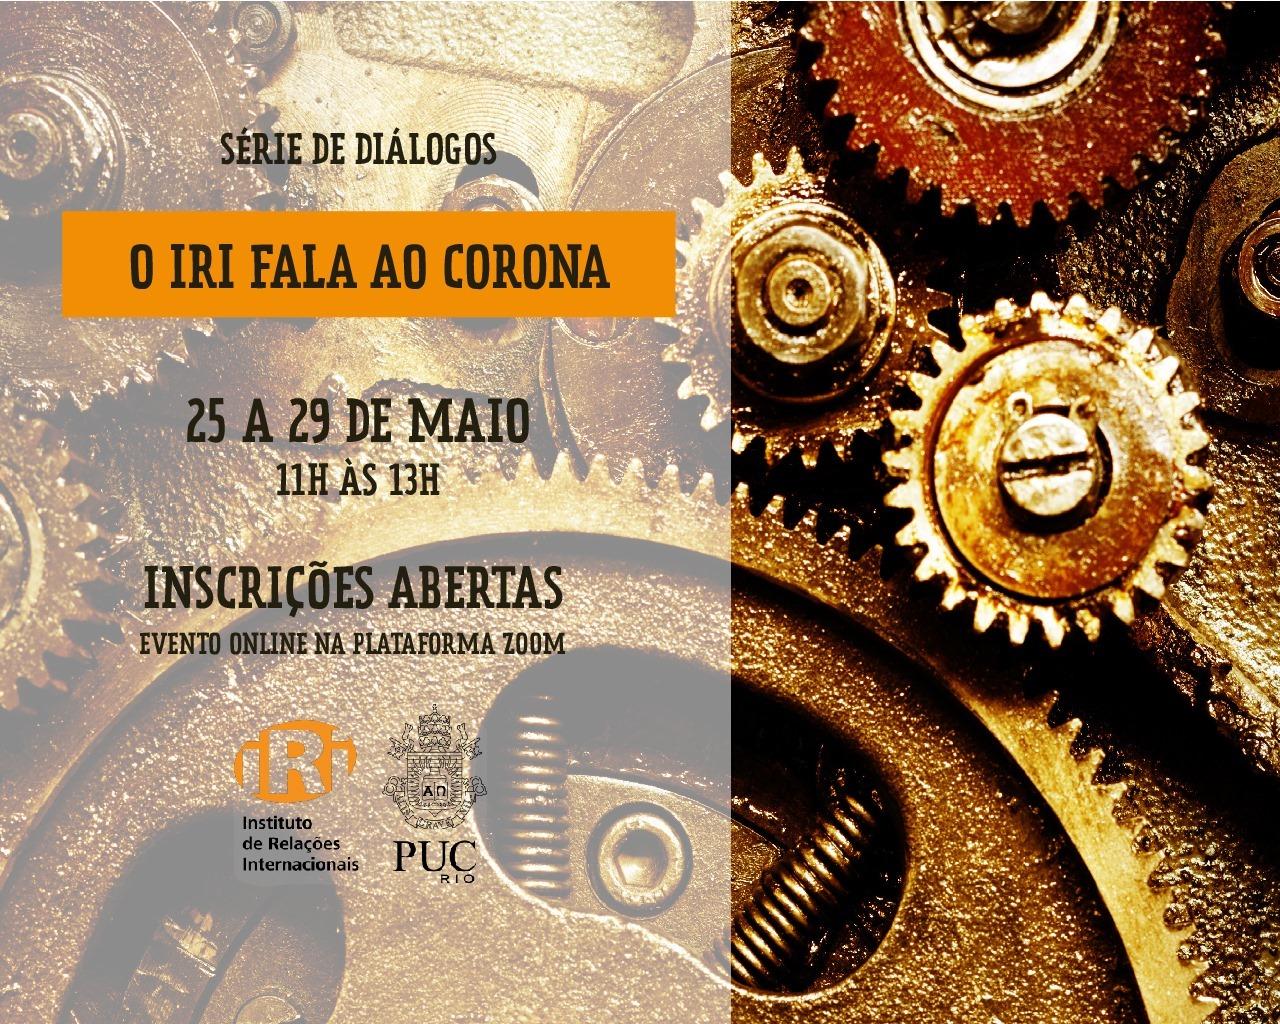 """Série de Diálogos """"O IRI fala ao Corona"""""""